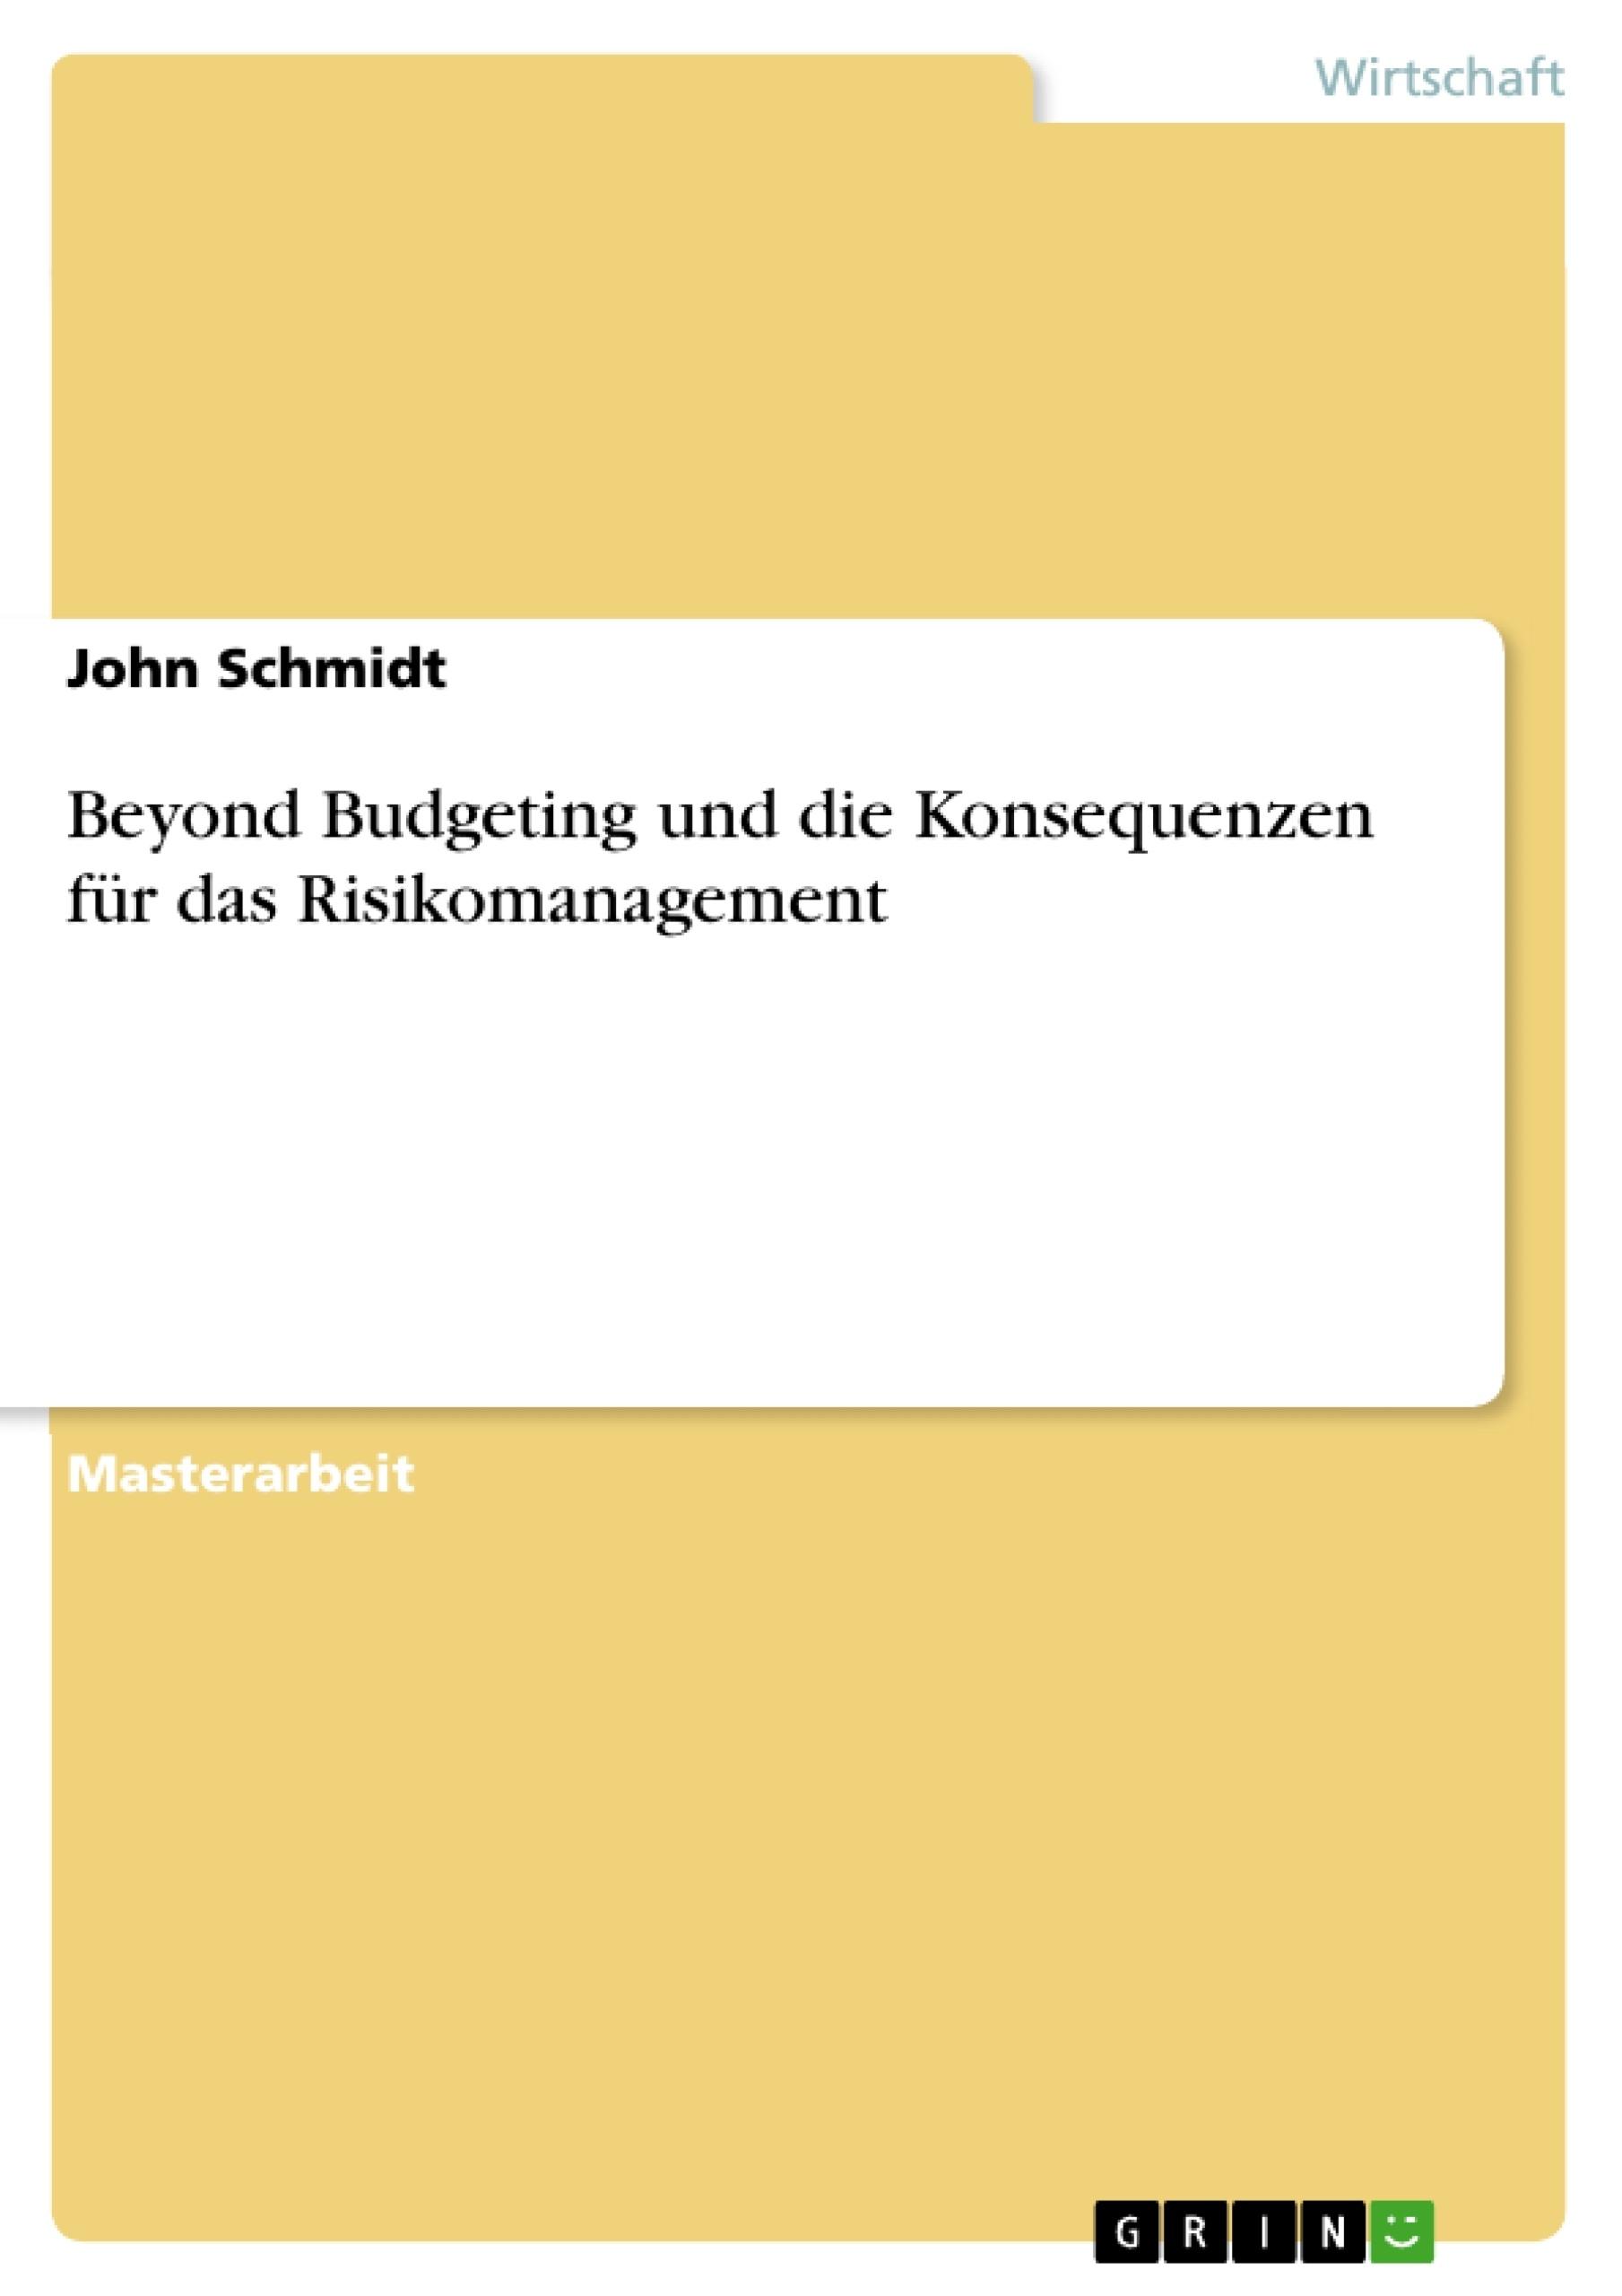 Titel: Beyond Budgeting und die Konsequenzen für das Risikomanagement